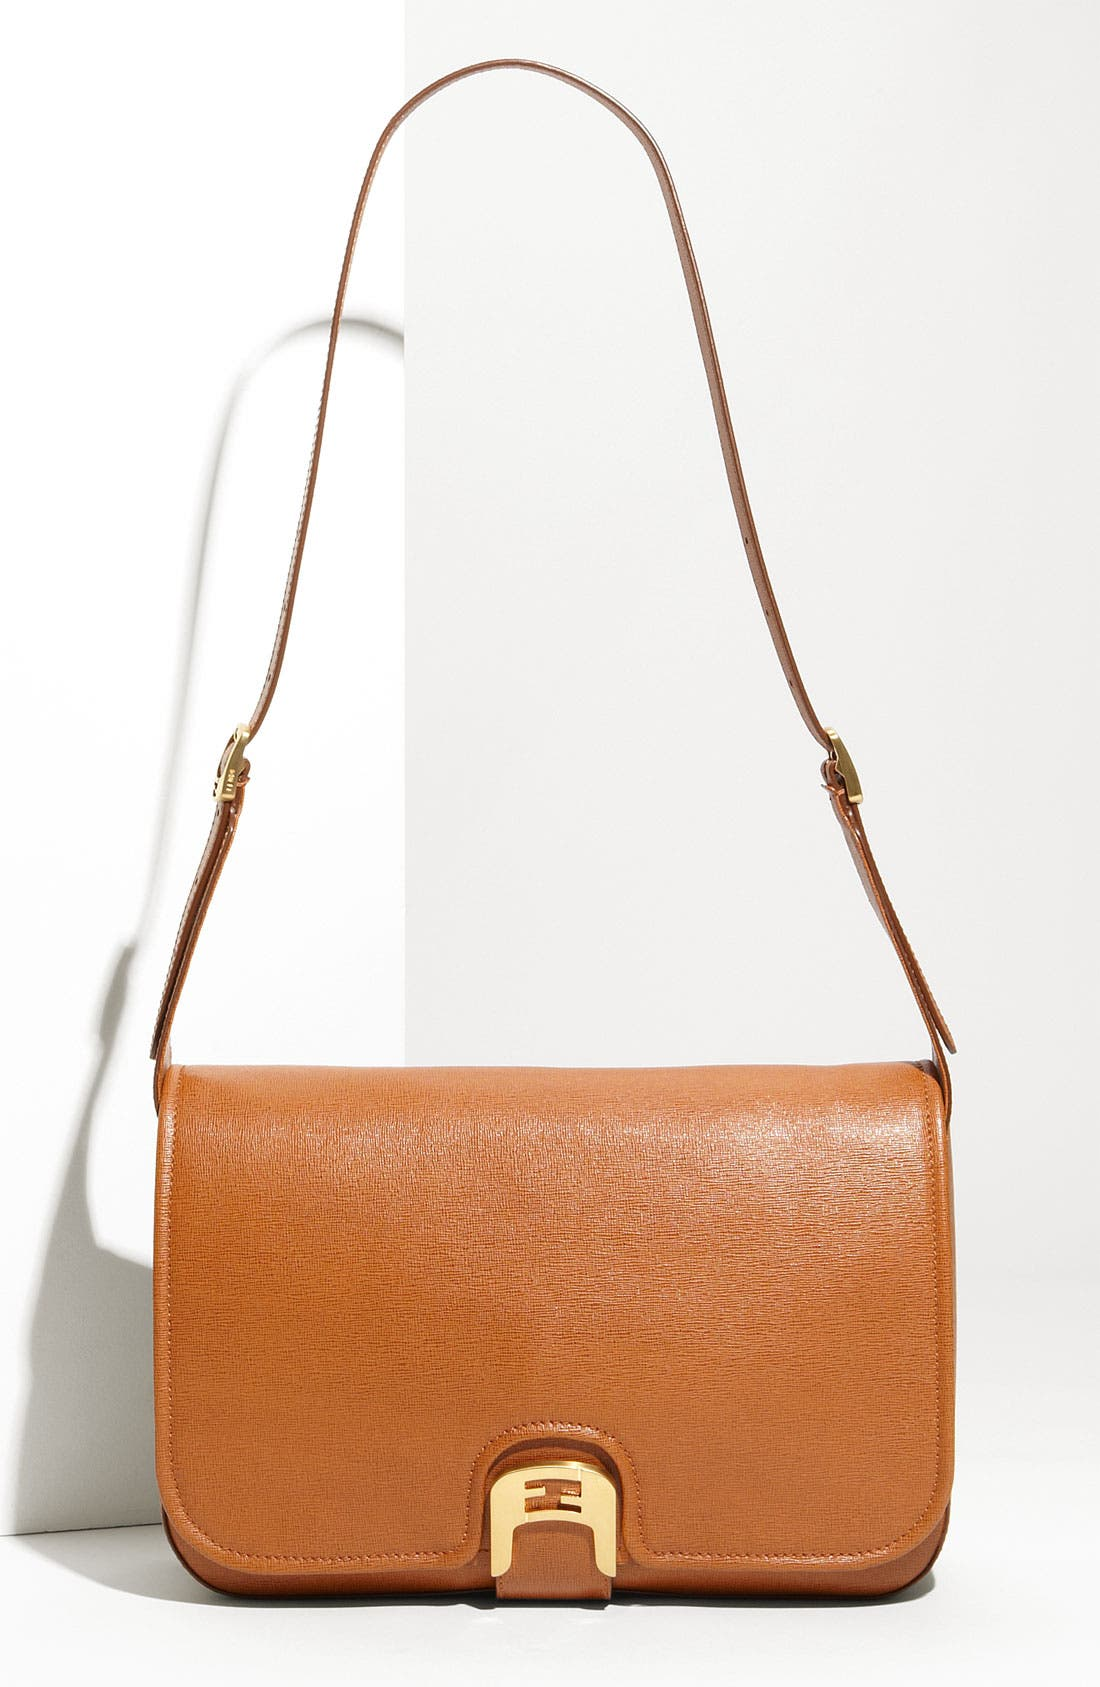 Main Image - Fendi 'Chameleon' Shoulder Bag